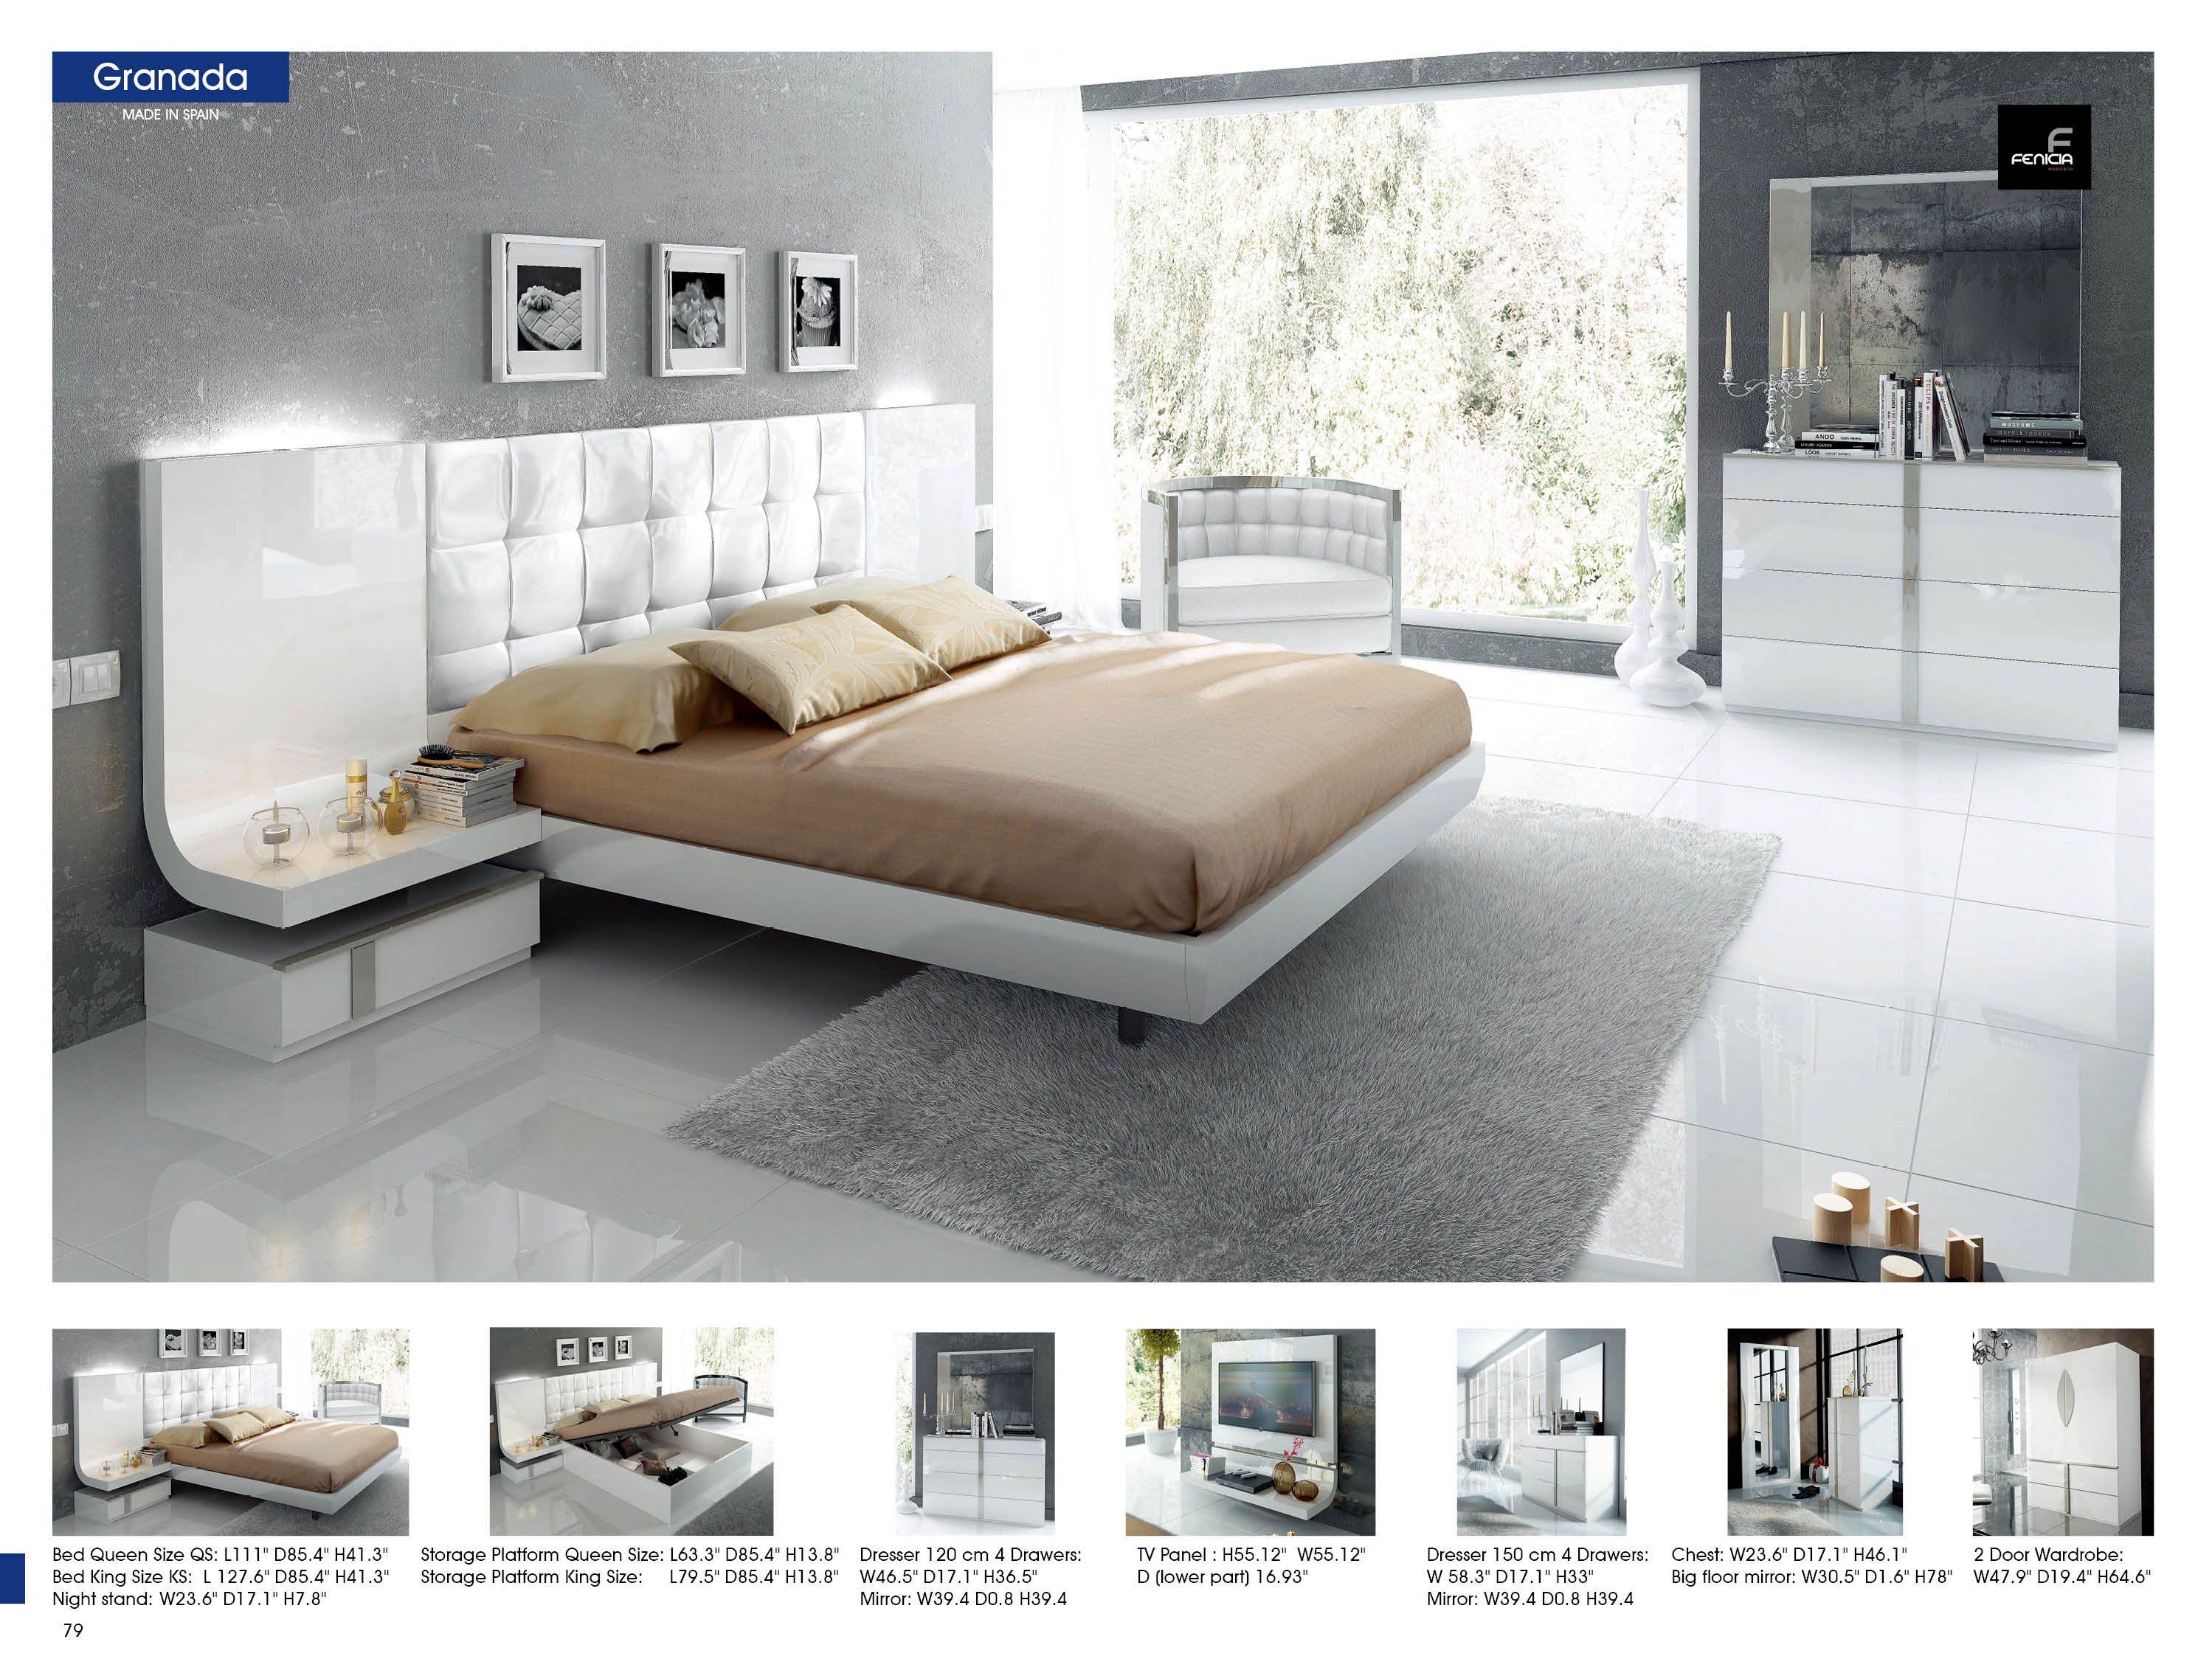 Esf Granada Bedroom